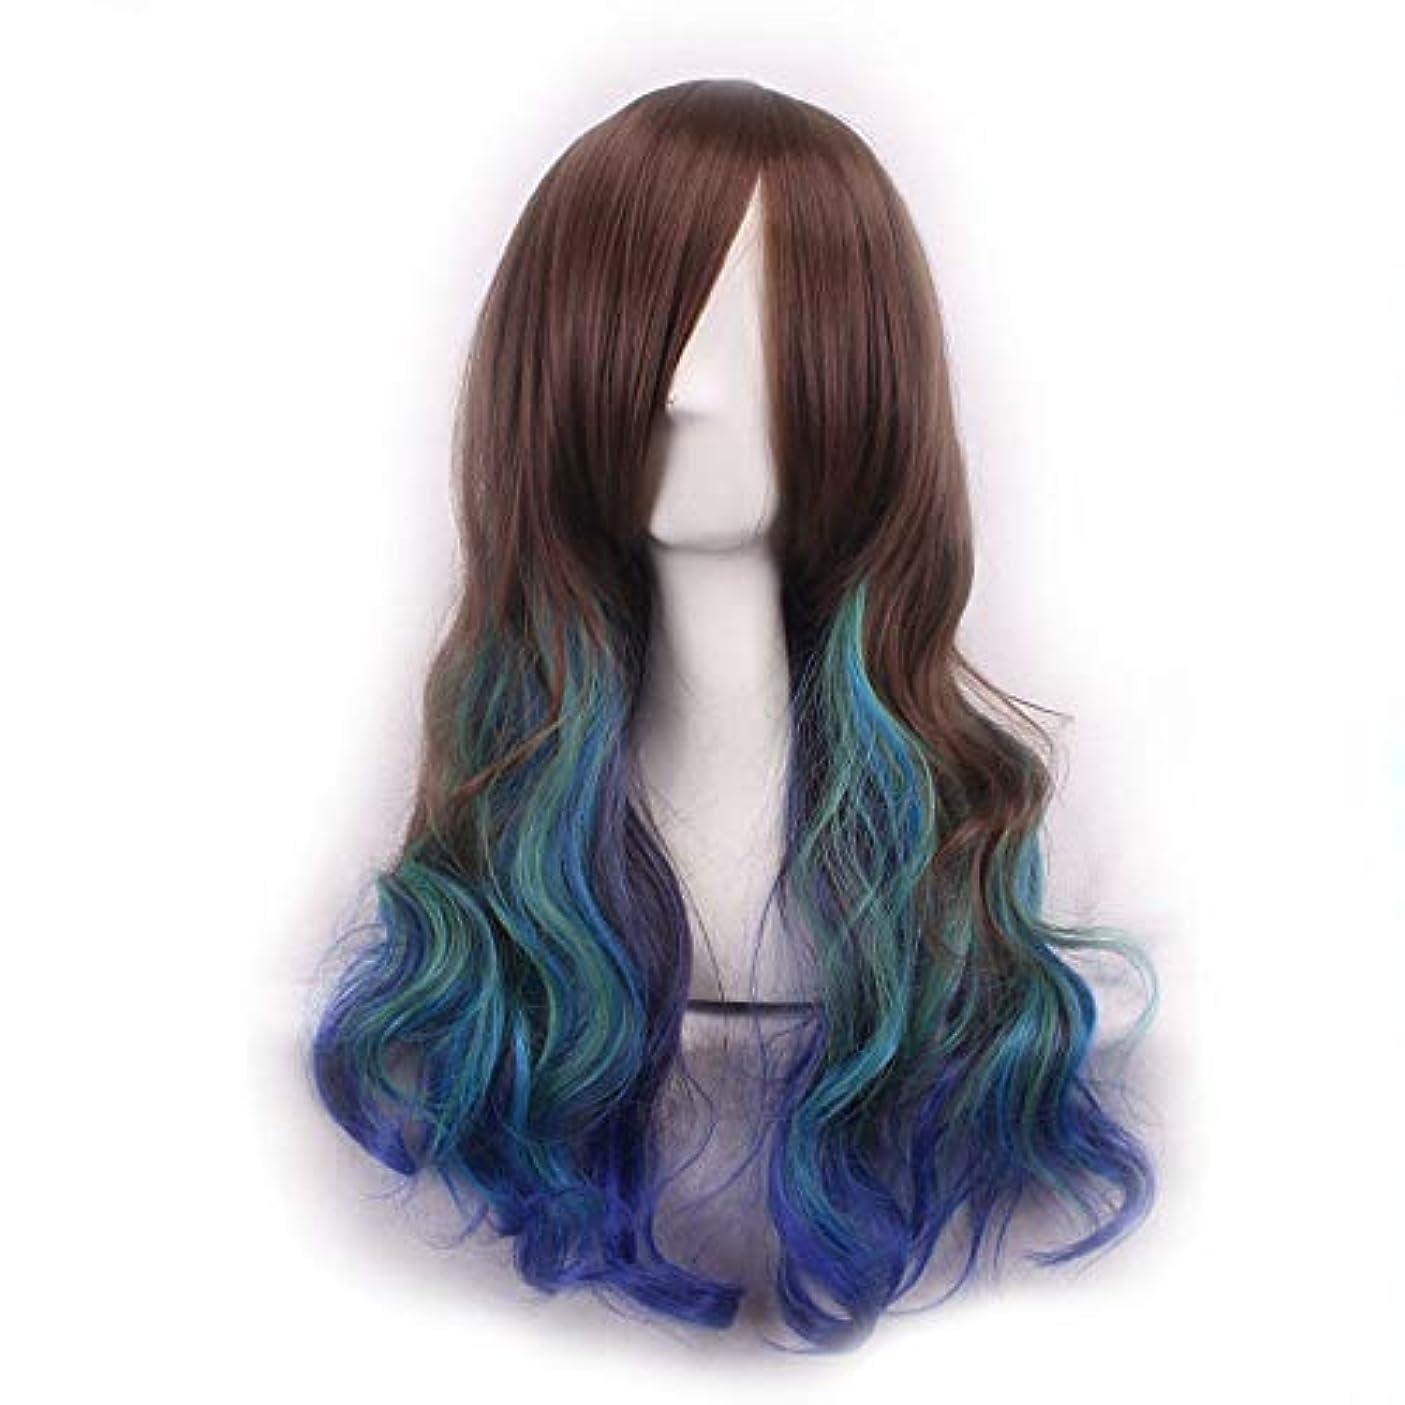 結核喜んで開示するかつらキャップでかつらファンシードレスカールかつら女性用高品質合成毛髪コスプレ高密度かつら女性&女の子ブルー、レッド (Color : 青)